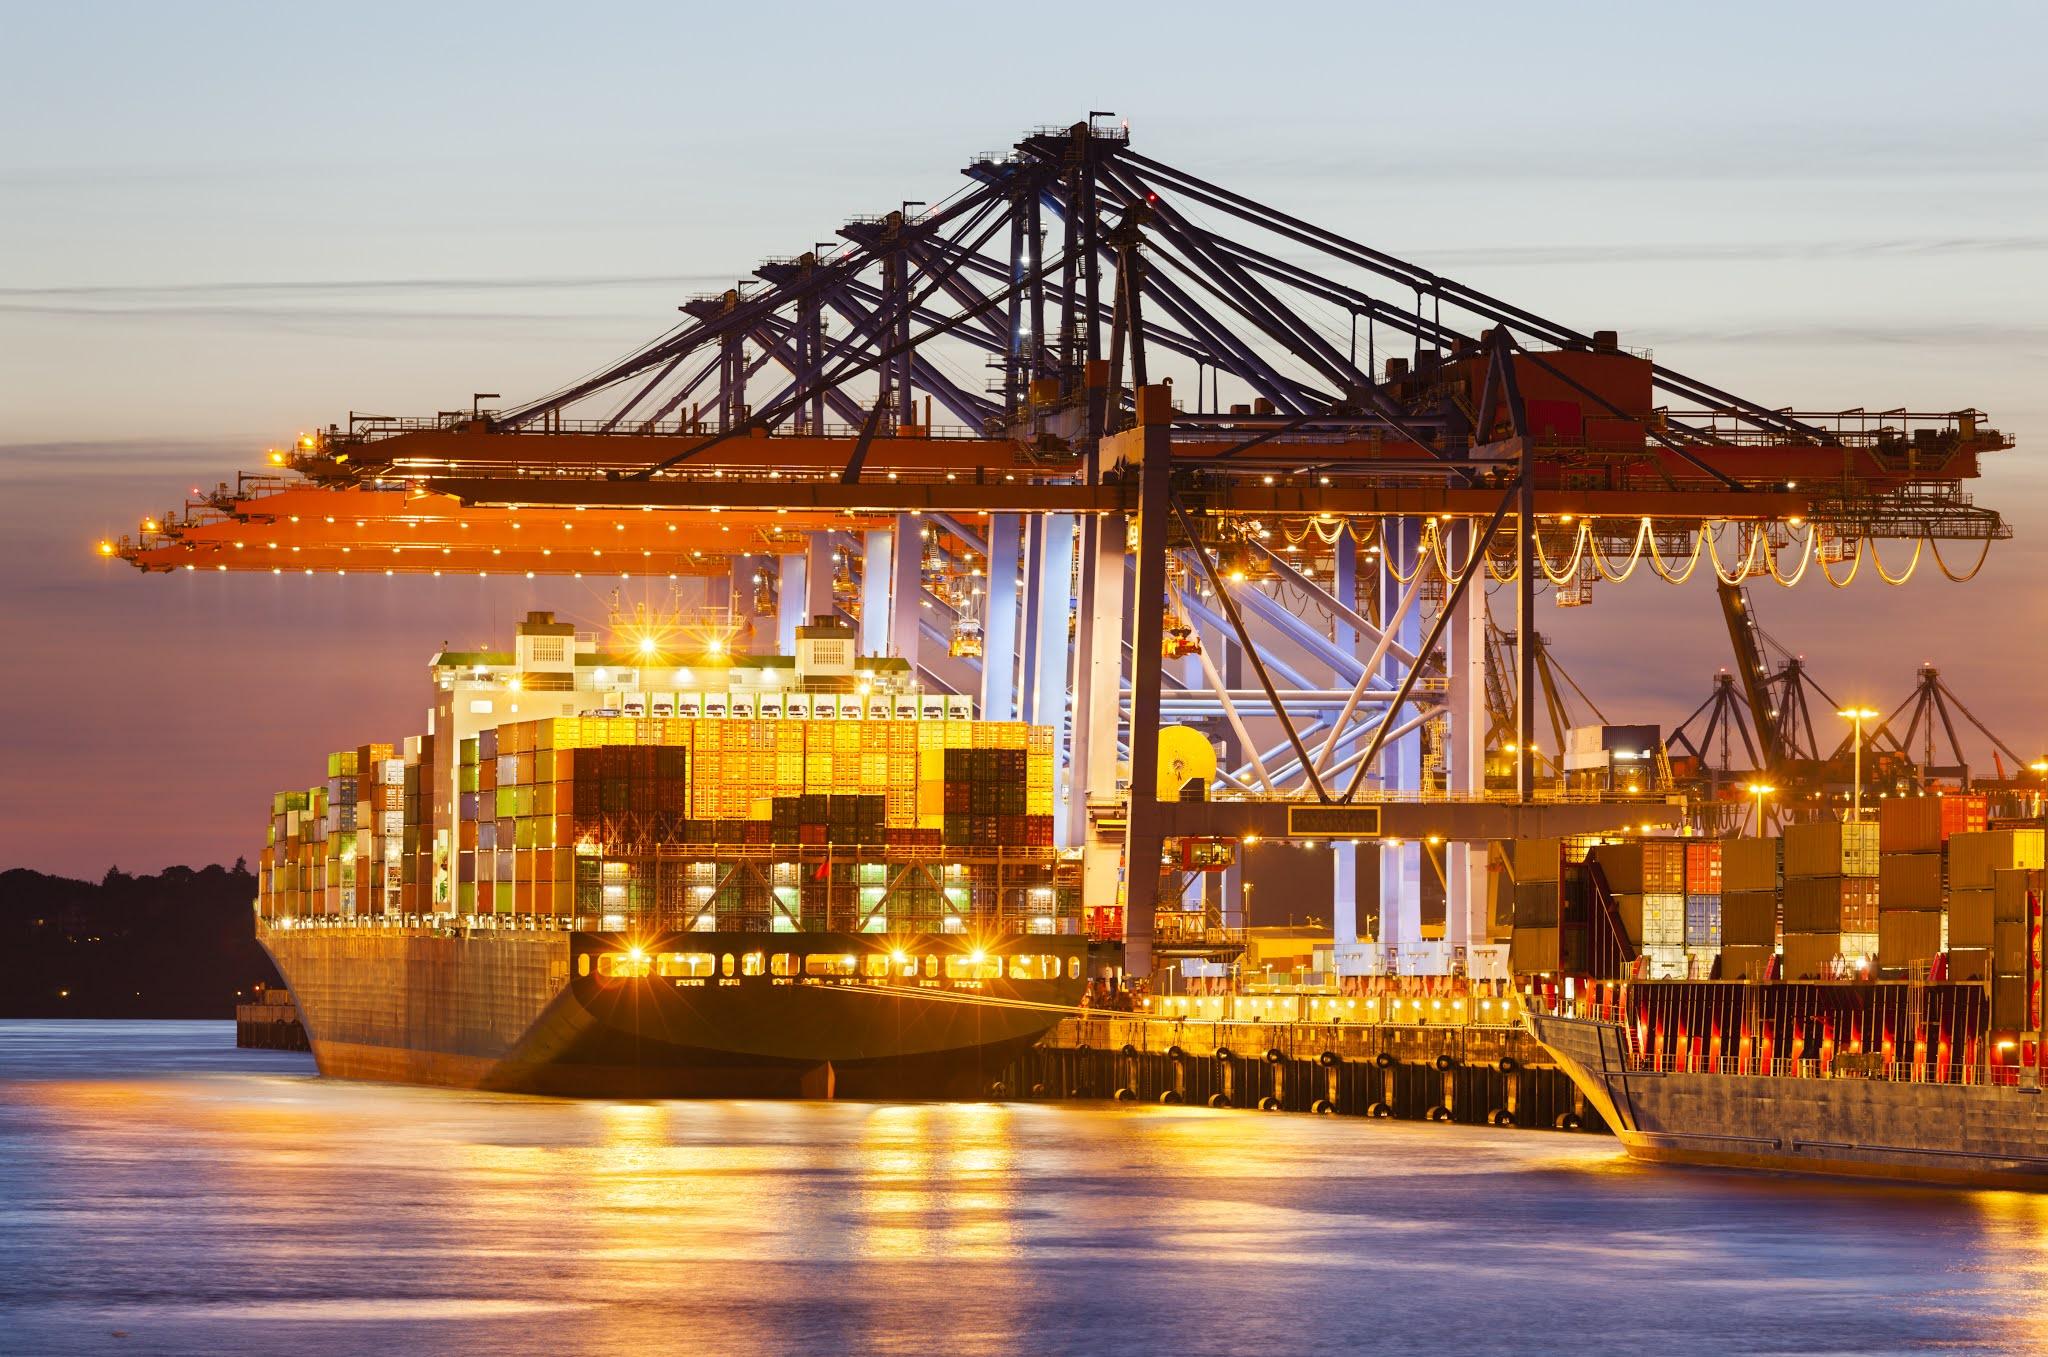 التجارة بين الإمارات والأردن تشهد قفزة خلال 10 سنوات